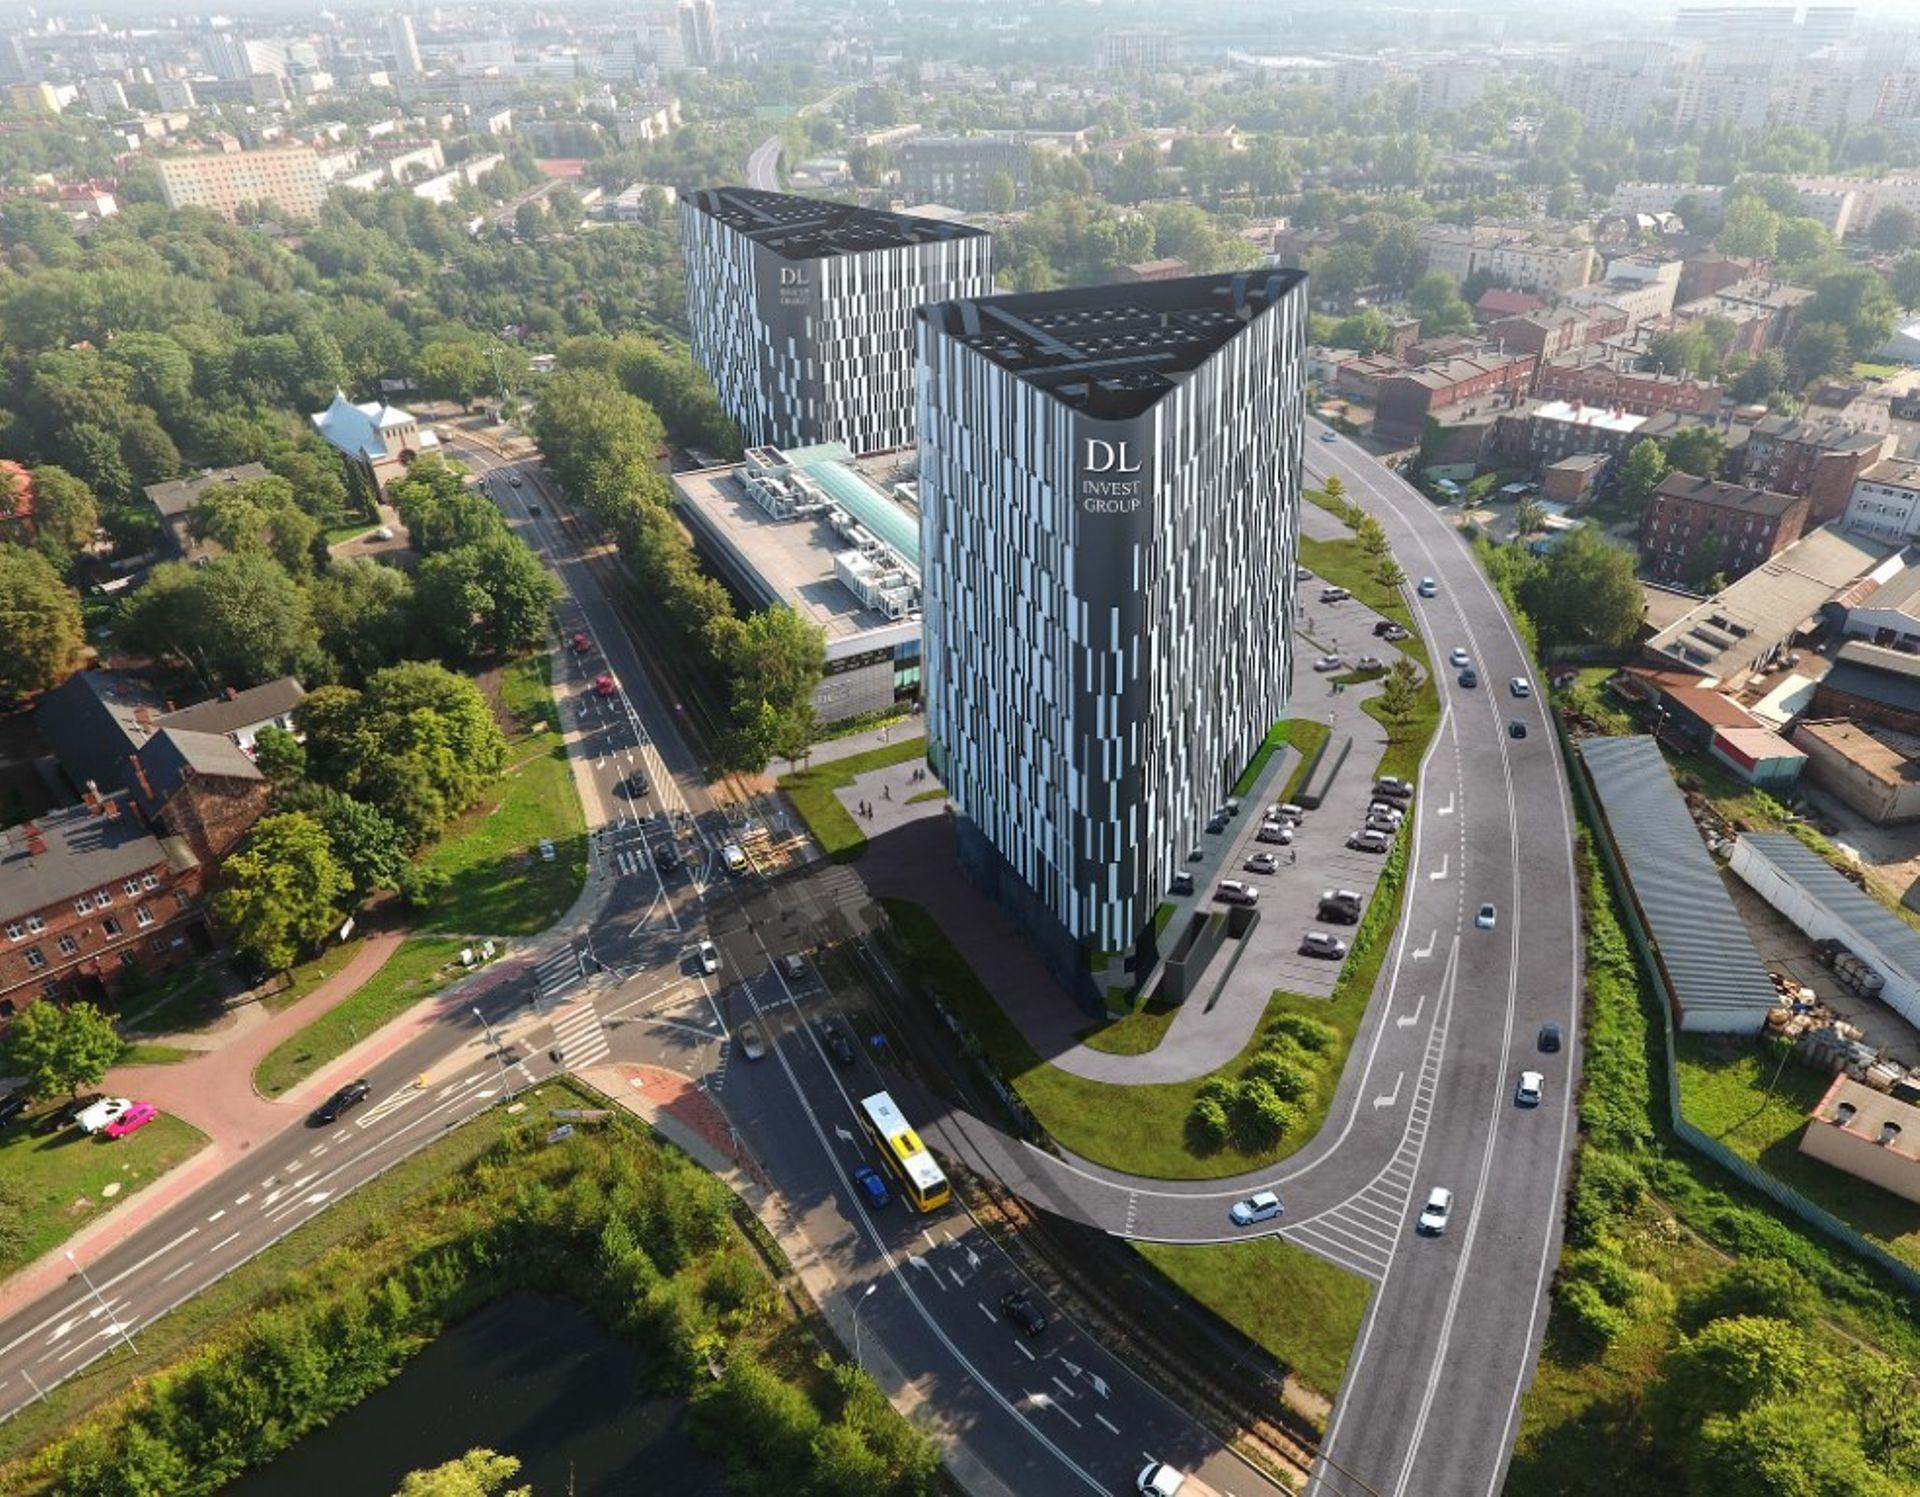 Trójkątny biurowiec DL Tower powstaje w Katowicach